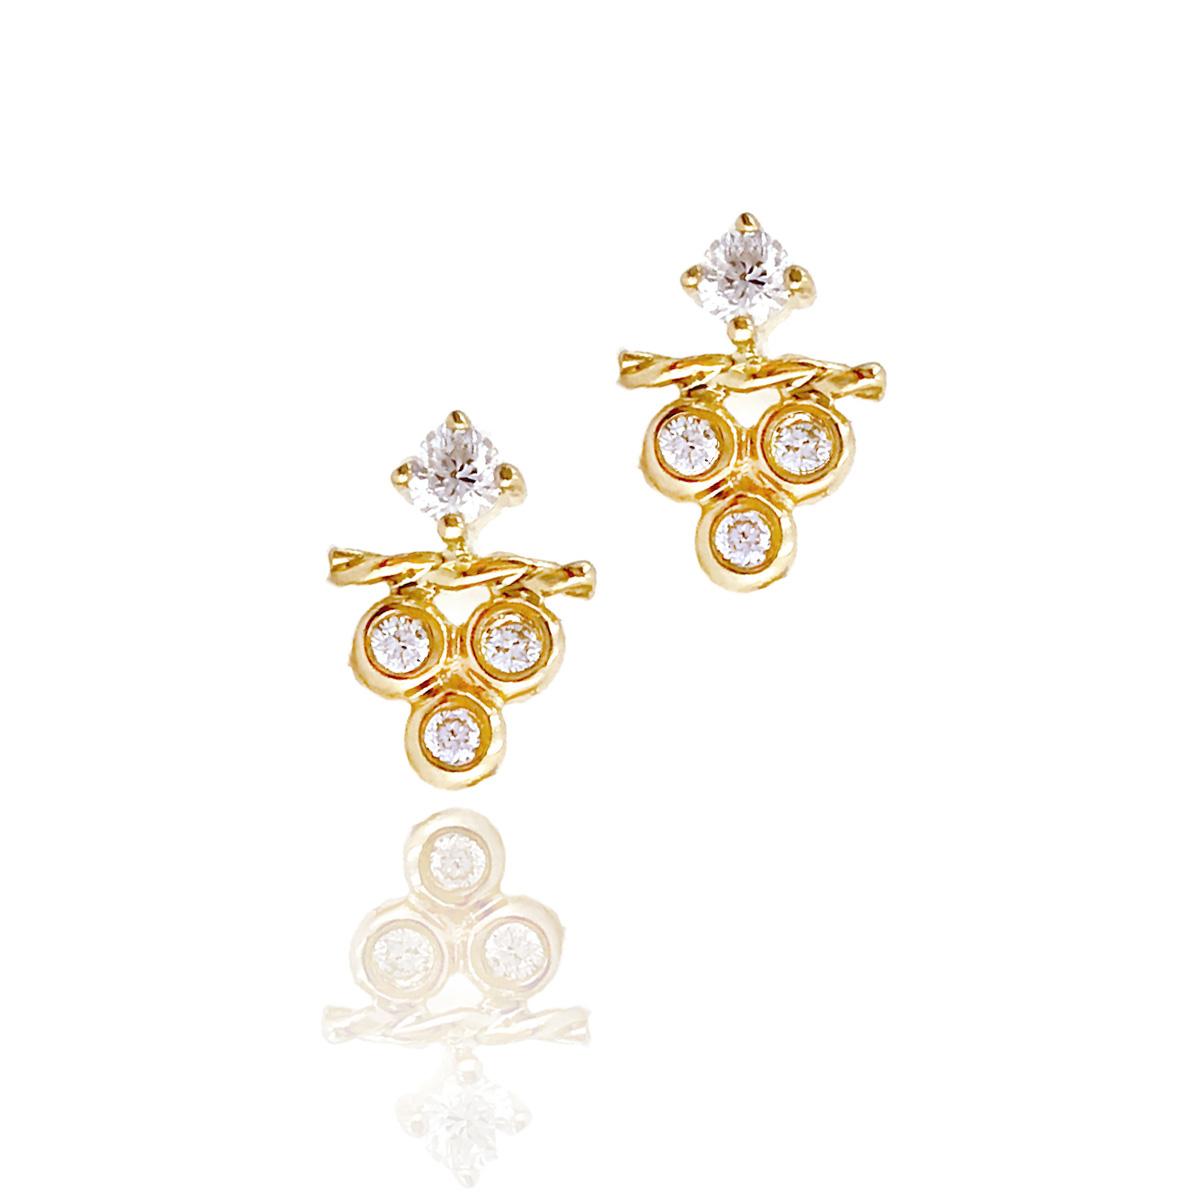 18k-Gold-Petite-Diamond-Cluster-Stud-Earrings-AVI-0f